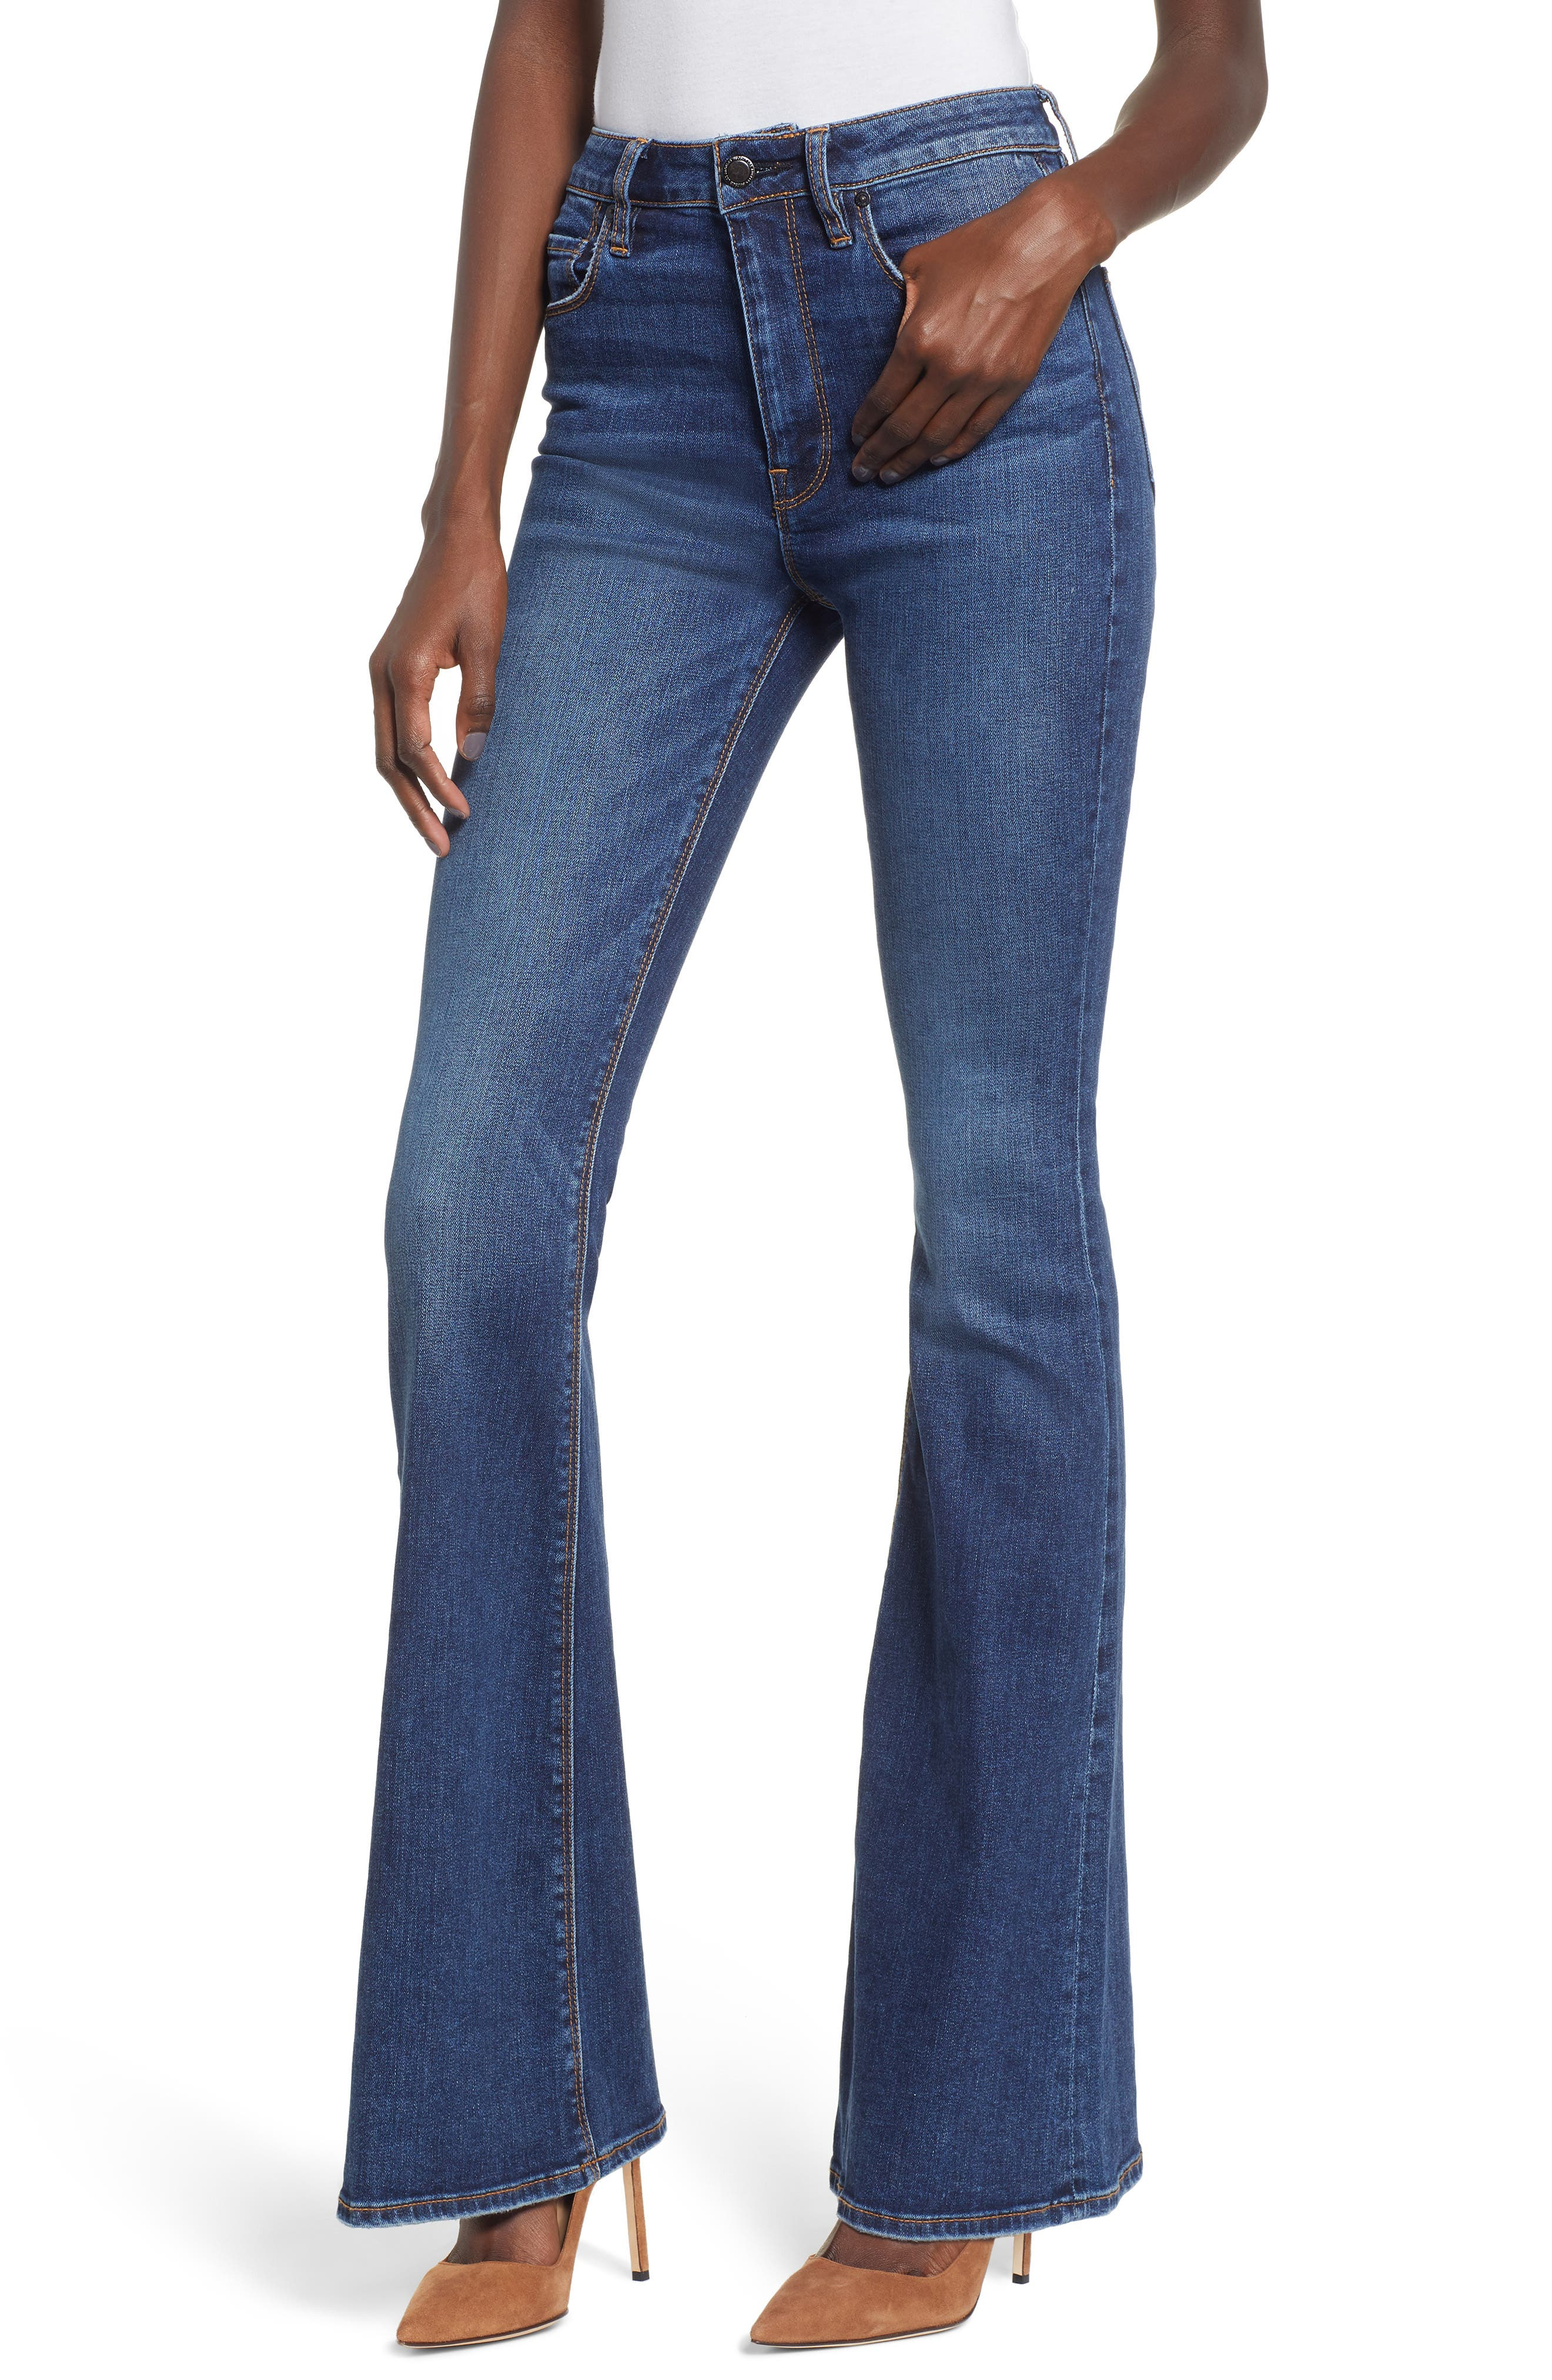 HUDSON JEANS Holly High Waist Flare Jeans, Main, color, VAGABOND